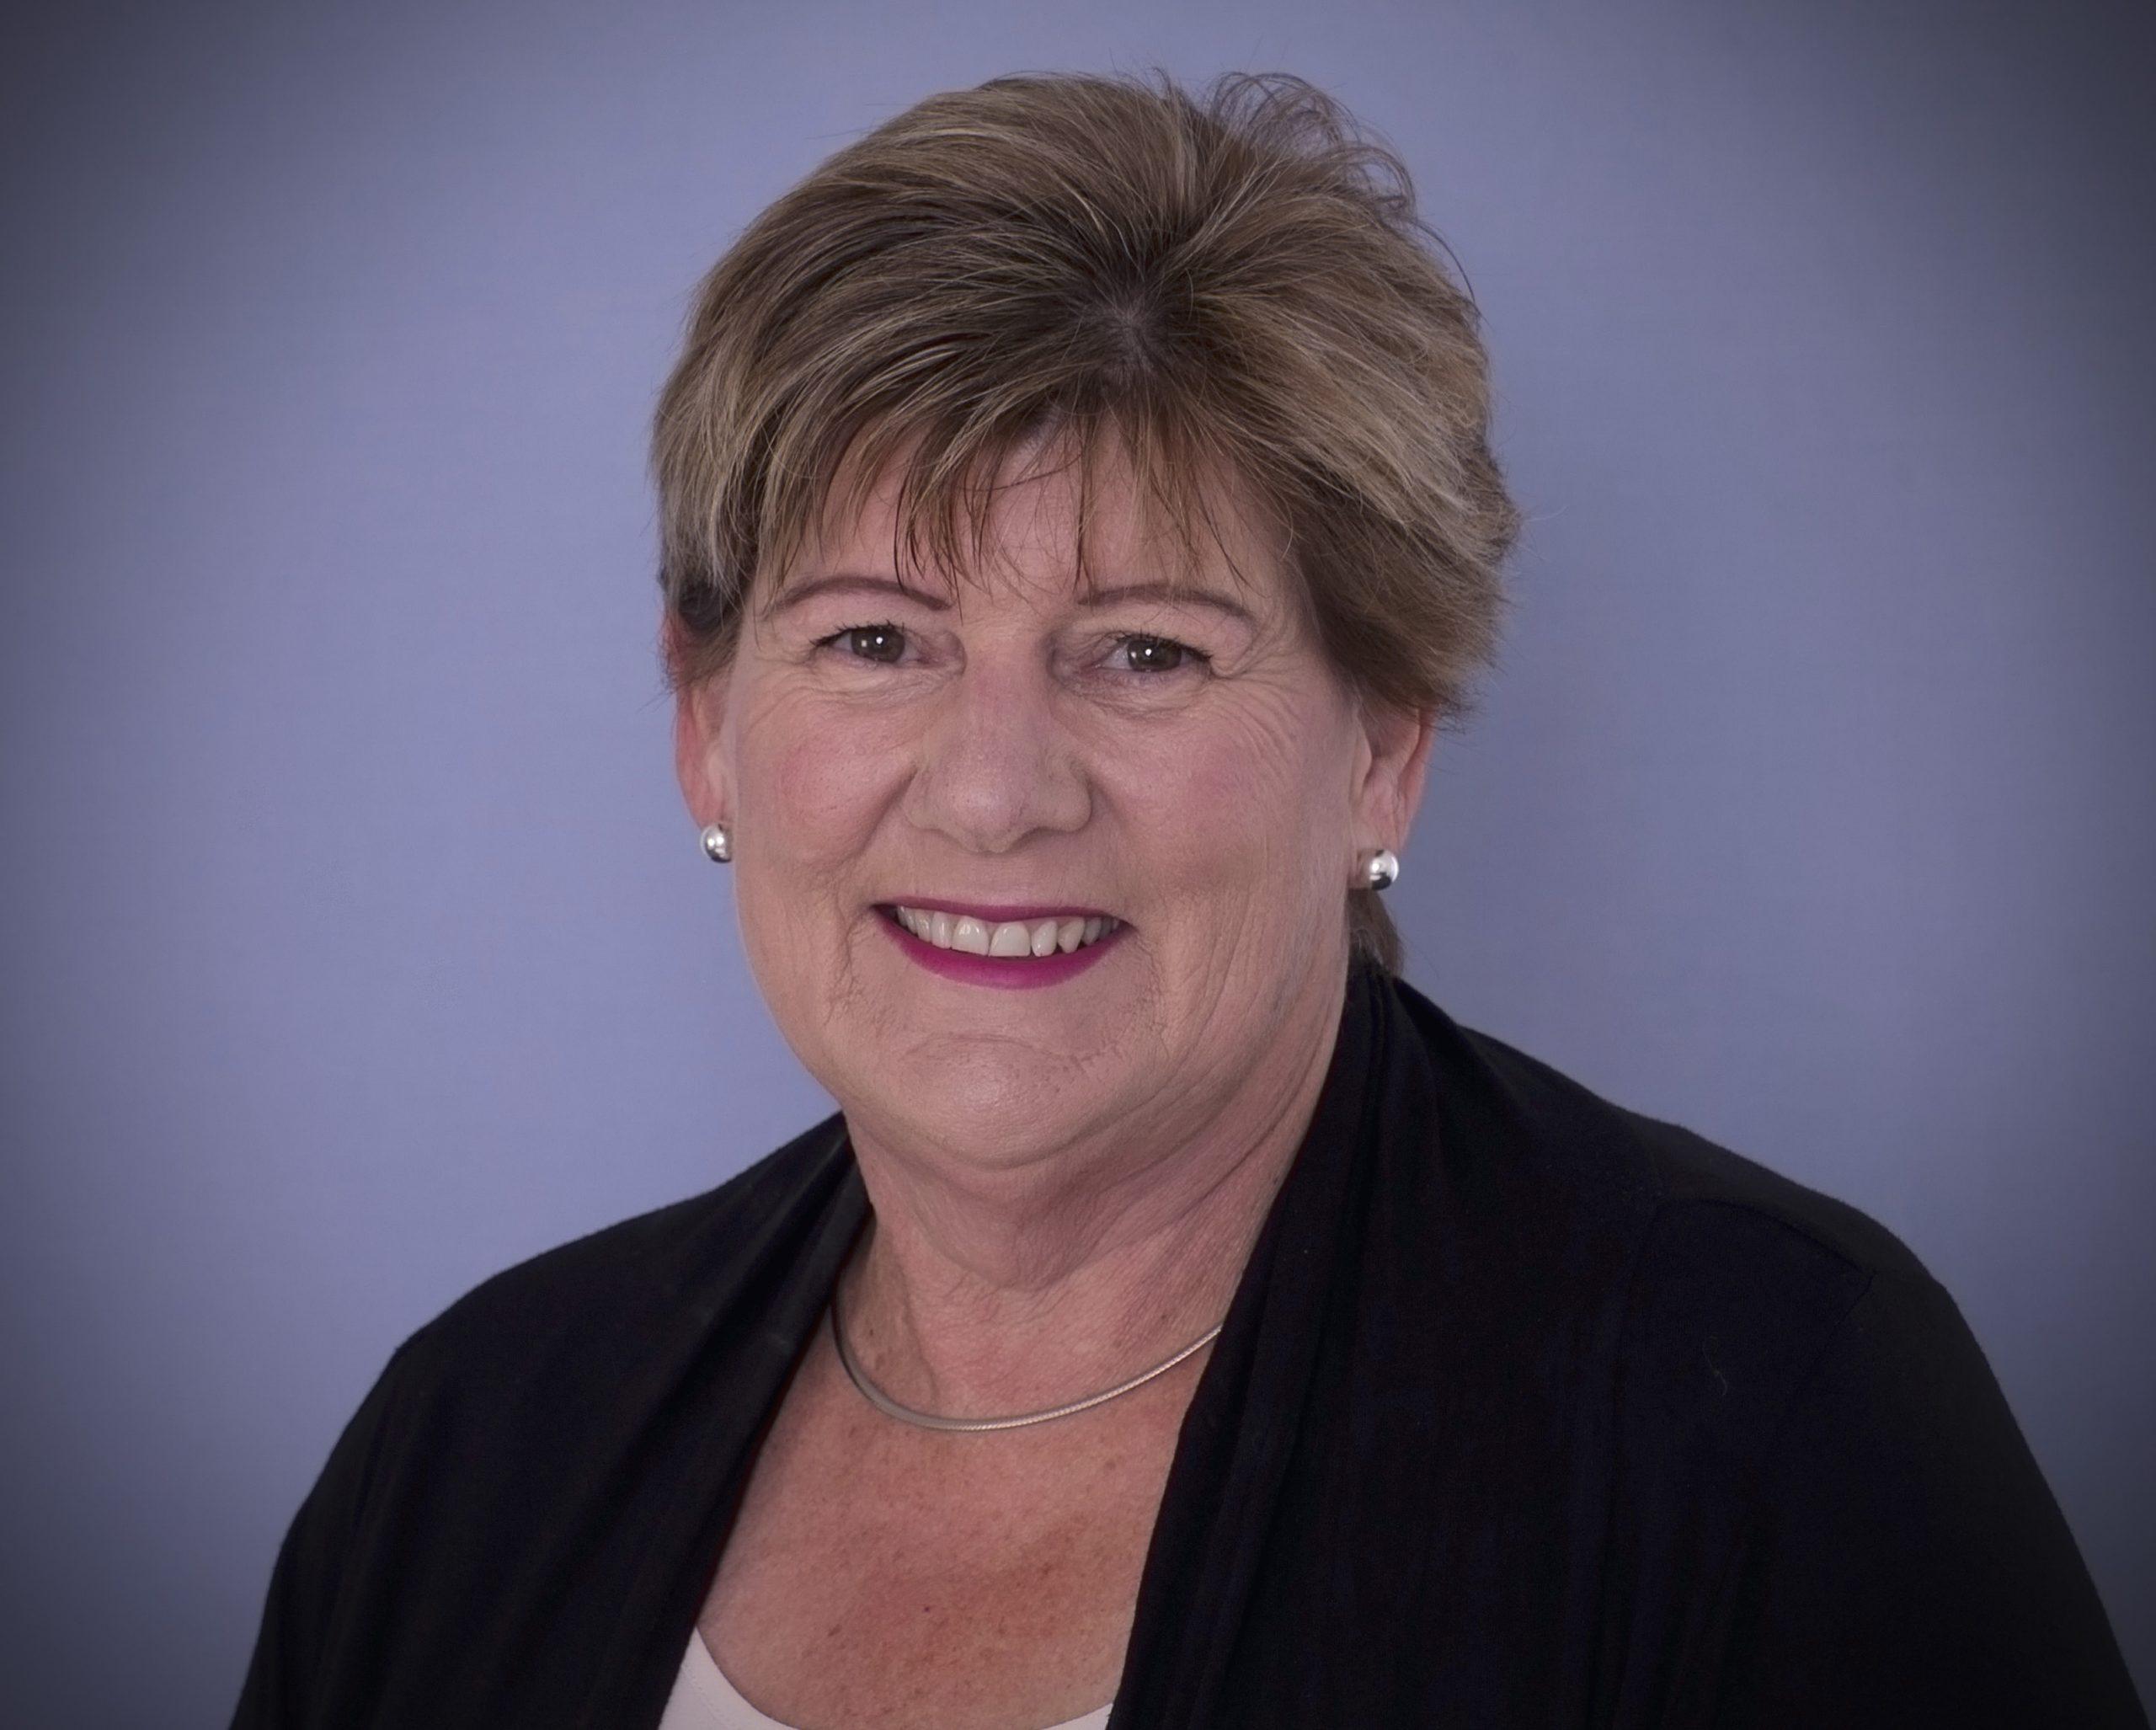 Julie Bridges